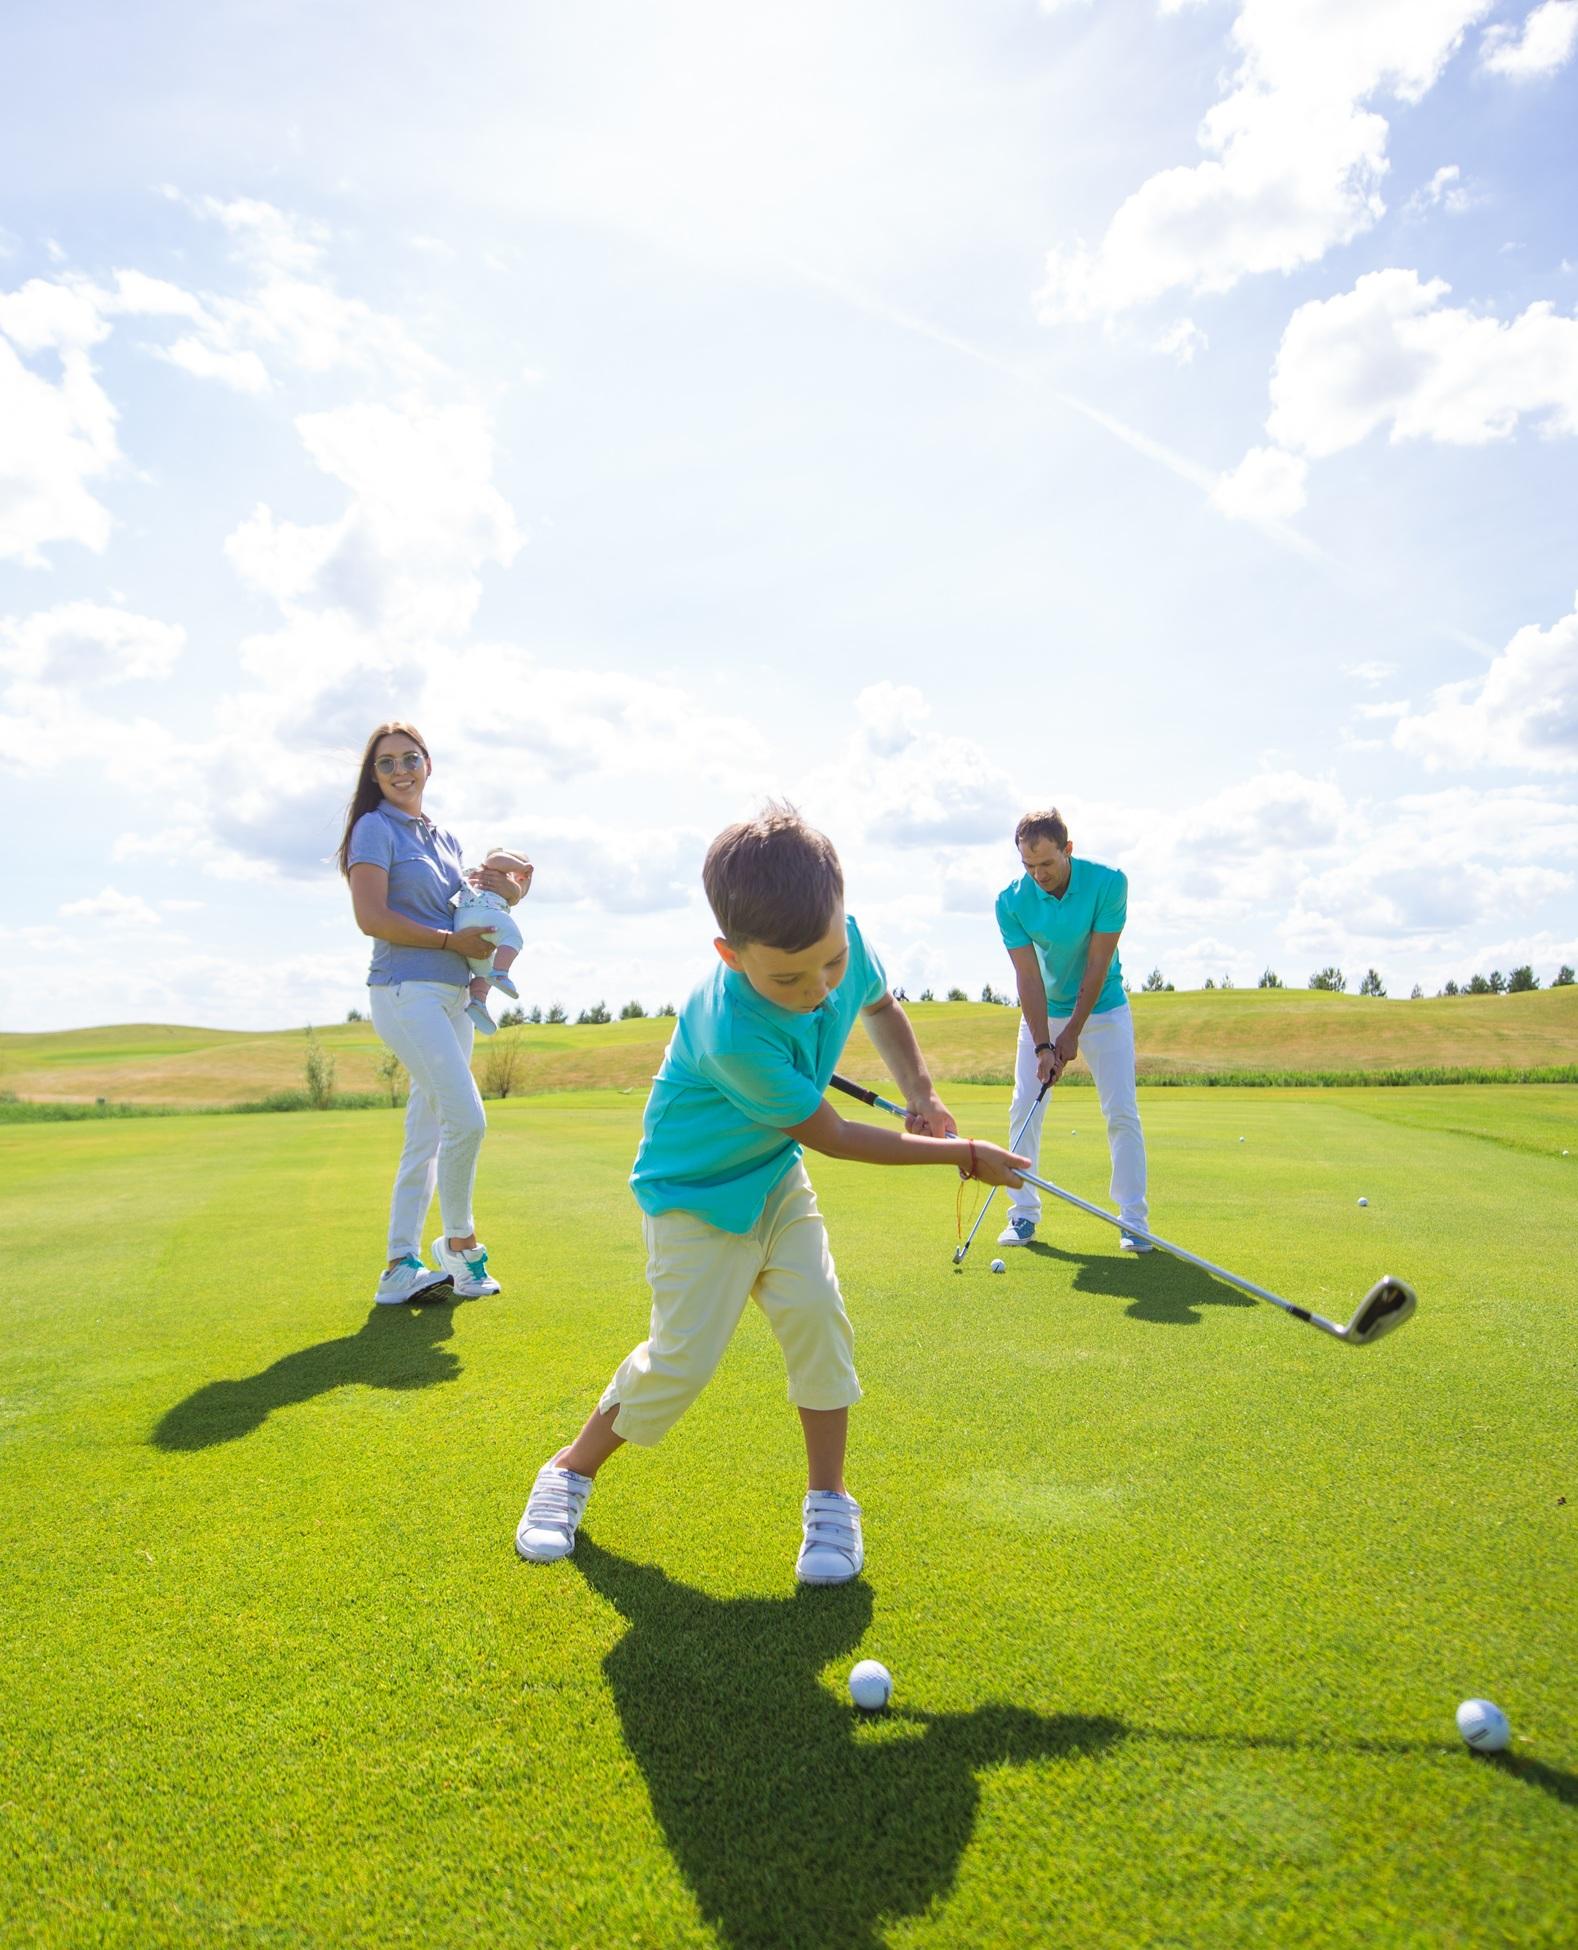 В гольф-клубе запустилась детская академия гольфа!